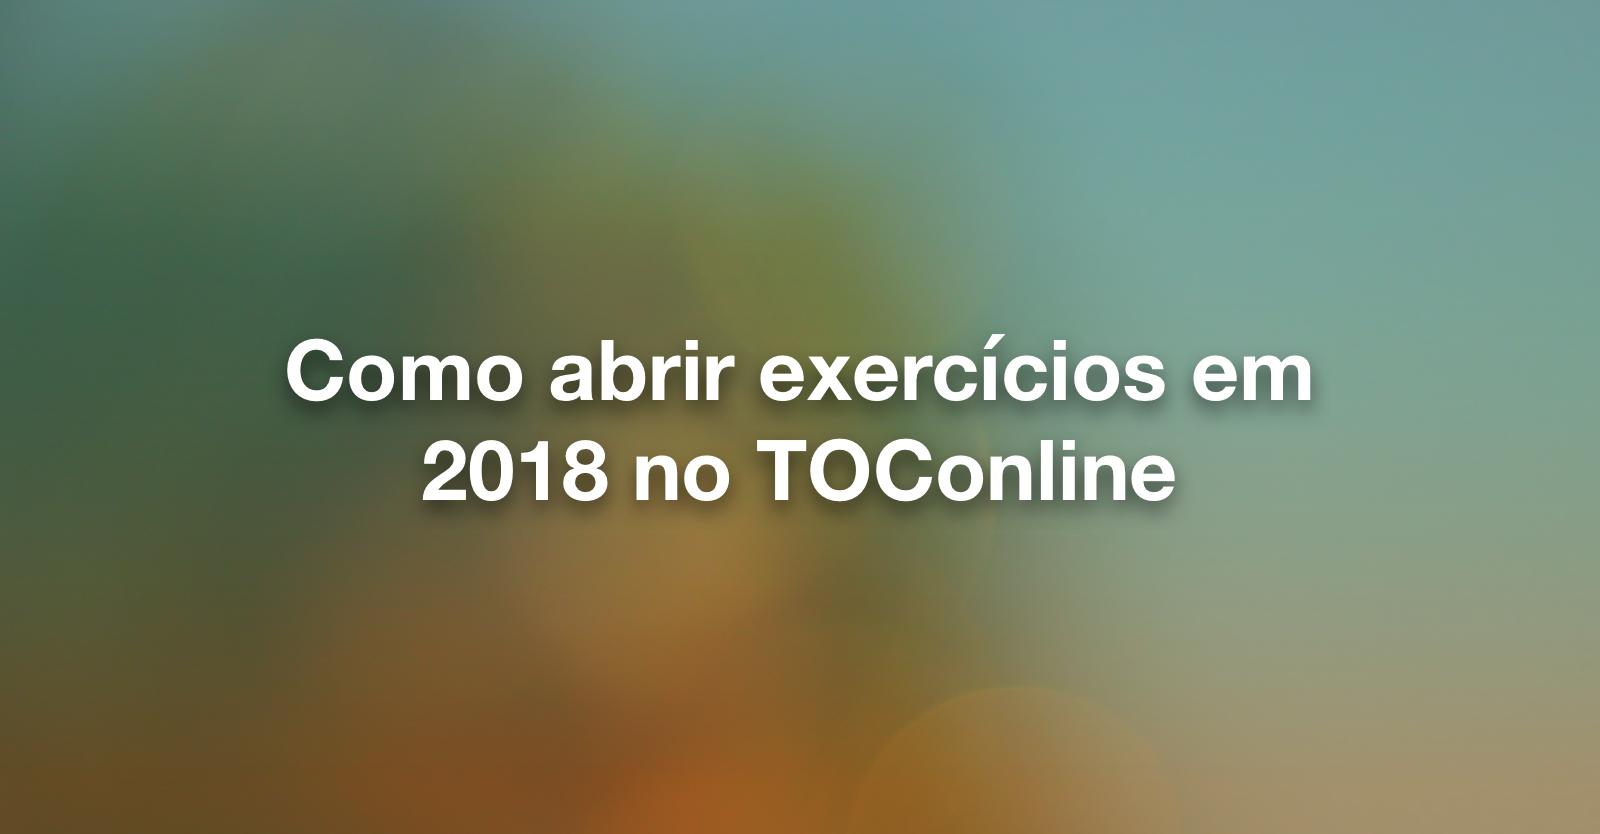 Post exercicios em 2018